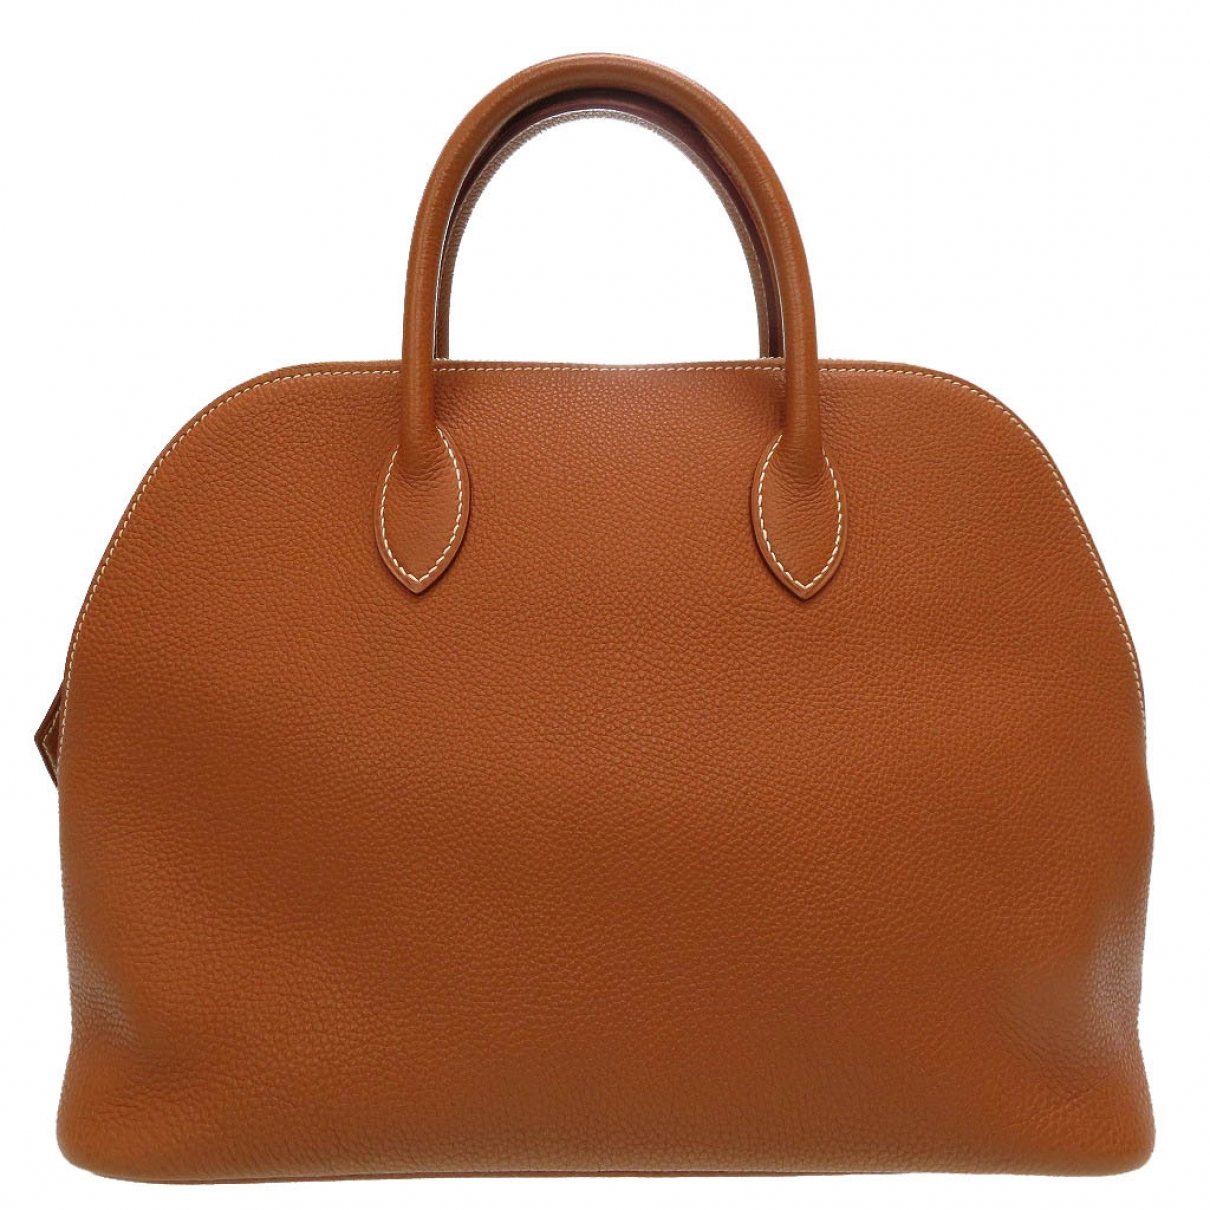 Hermes - Sac a main Bolide pour femme en cuir - marron